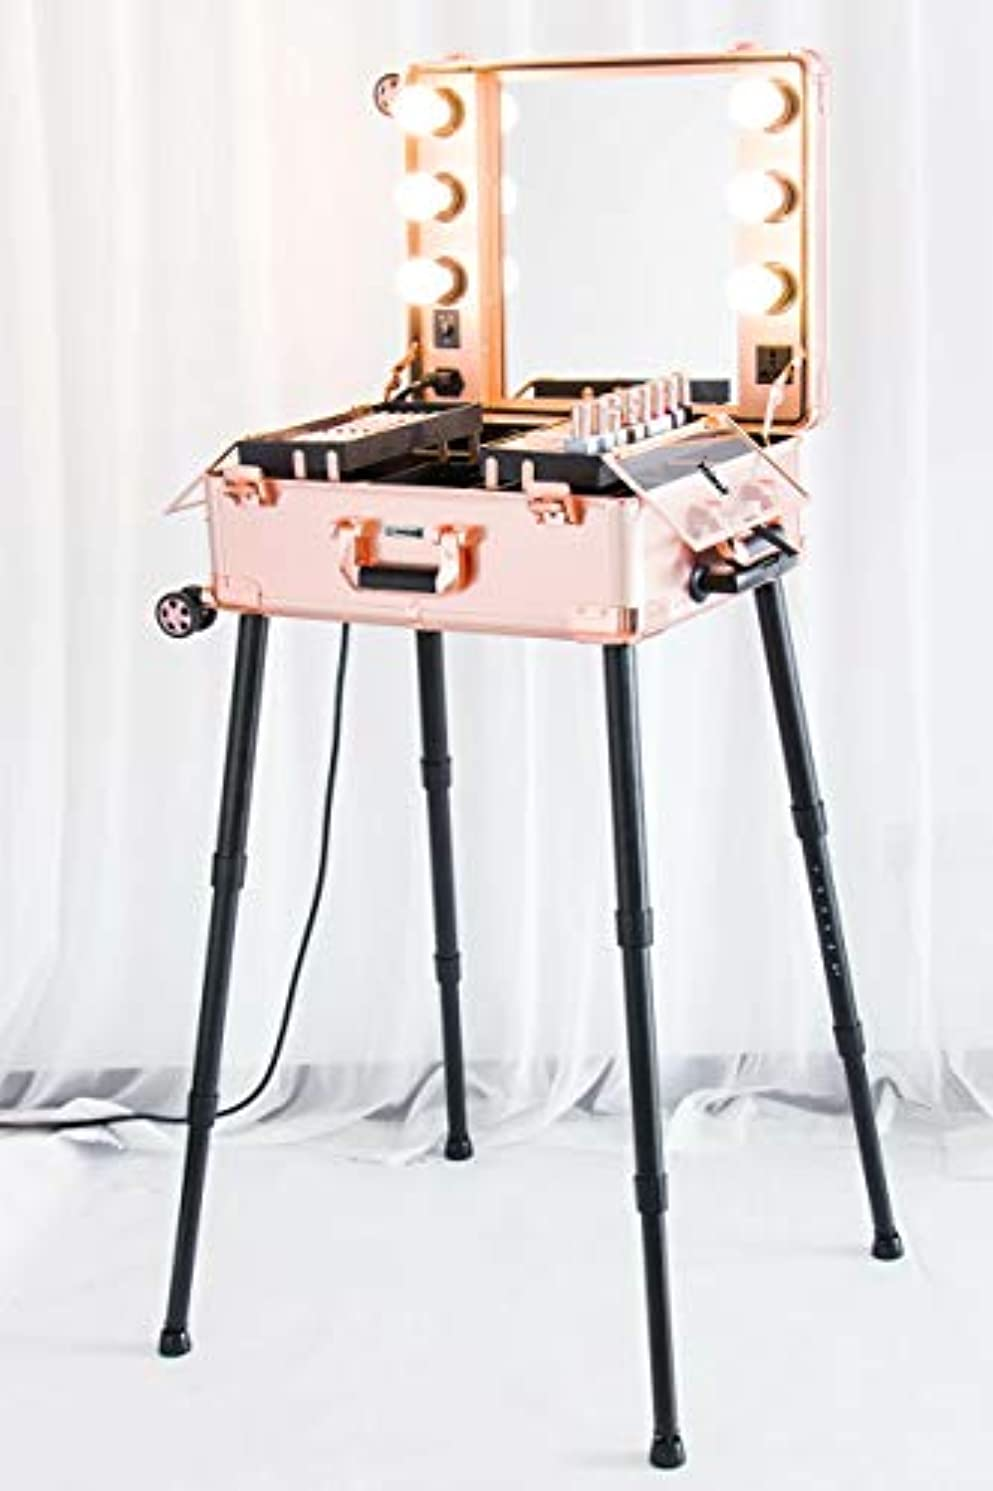 重量服を片付けるスクラブKemier 頑丈な化粧ケースプロ アーティスト スタジオ化粧列車4つ ローリングホイール&ライト付きテーブル&ミラープロ メイクアップステーションカバーボードと簡単にきれいな拡張トレイ調整可能な足 腰椎クッション-2412...